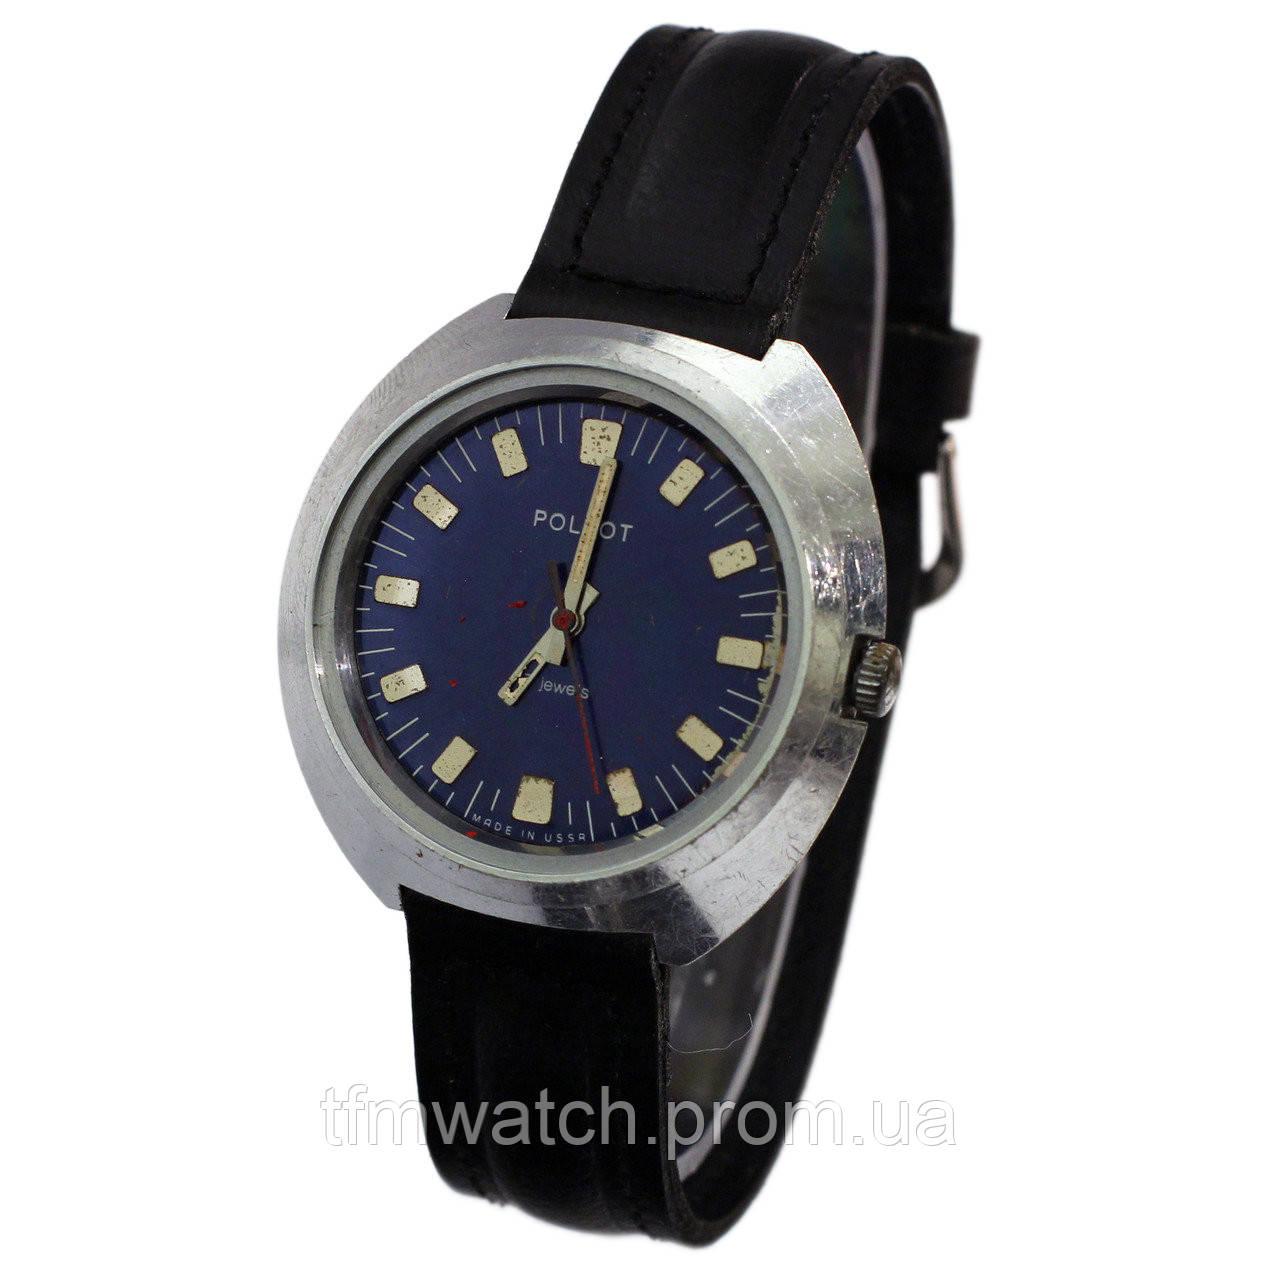 Советские часы Полет Poljot, фото 1